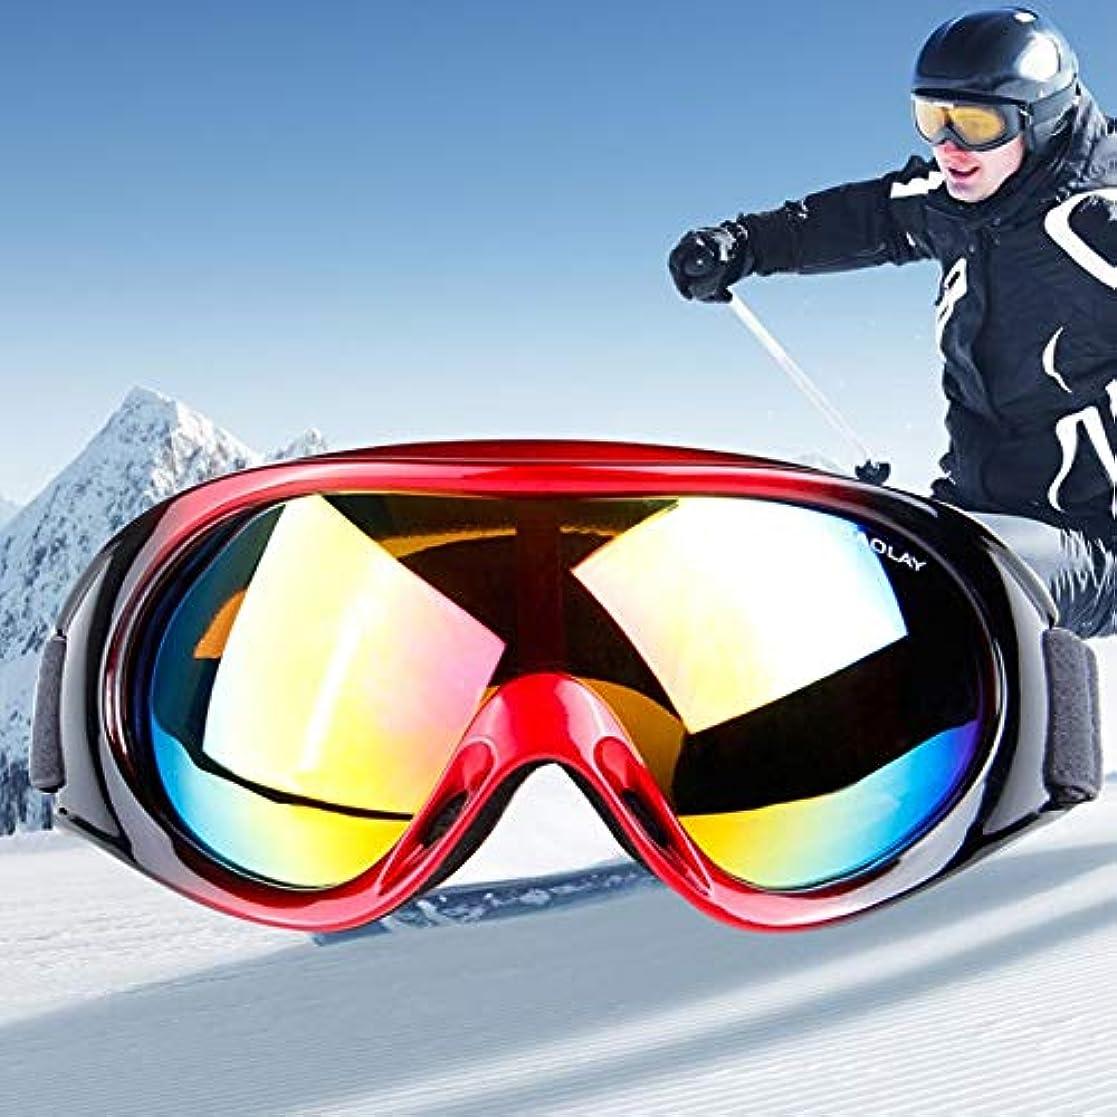 絶え間ないソーダ水囲いDiffomatealliance Glasses メガネH1010ユニセックスデュアルレイヤー防曇防風UVプロテクション調整可能な幅広のストラップ付きゴーグル(つや消しブラック)